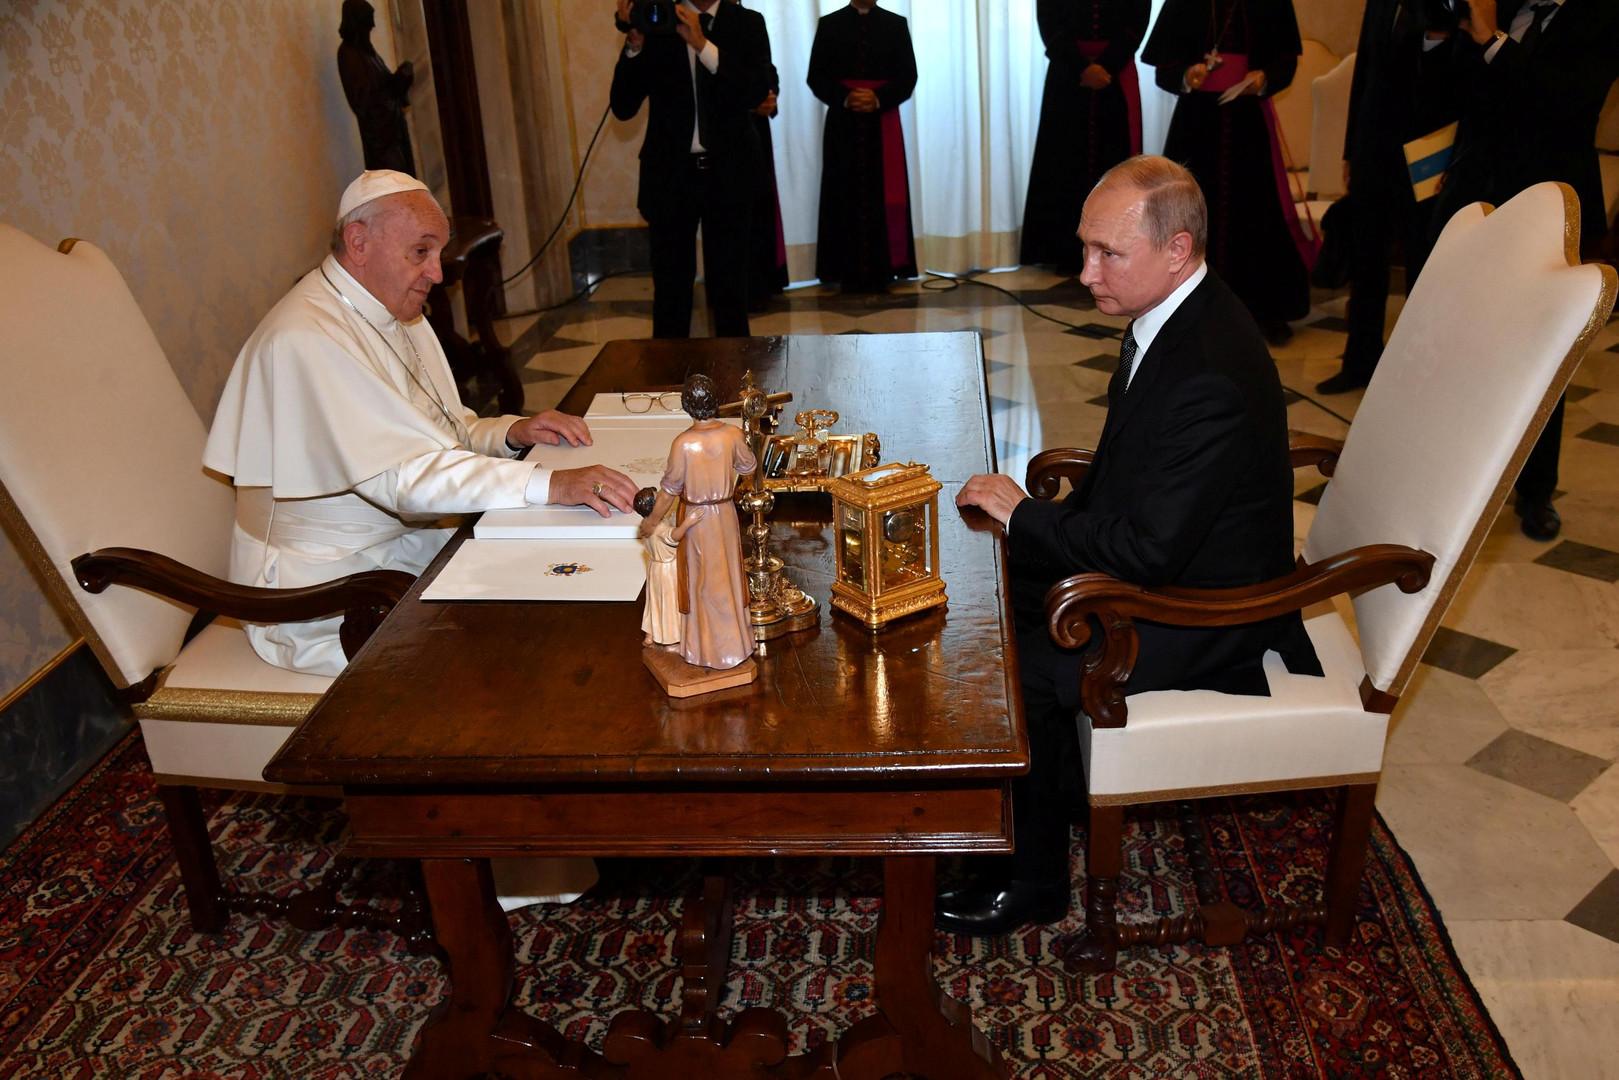 الرئيس الروسي فلاديمير بوتين أثناء لقائه البابا فرنسيس في الفاتيكان